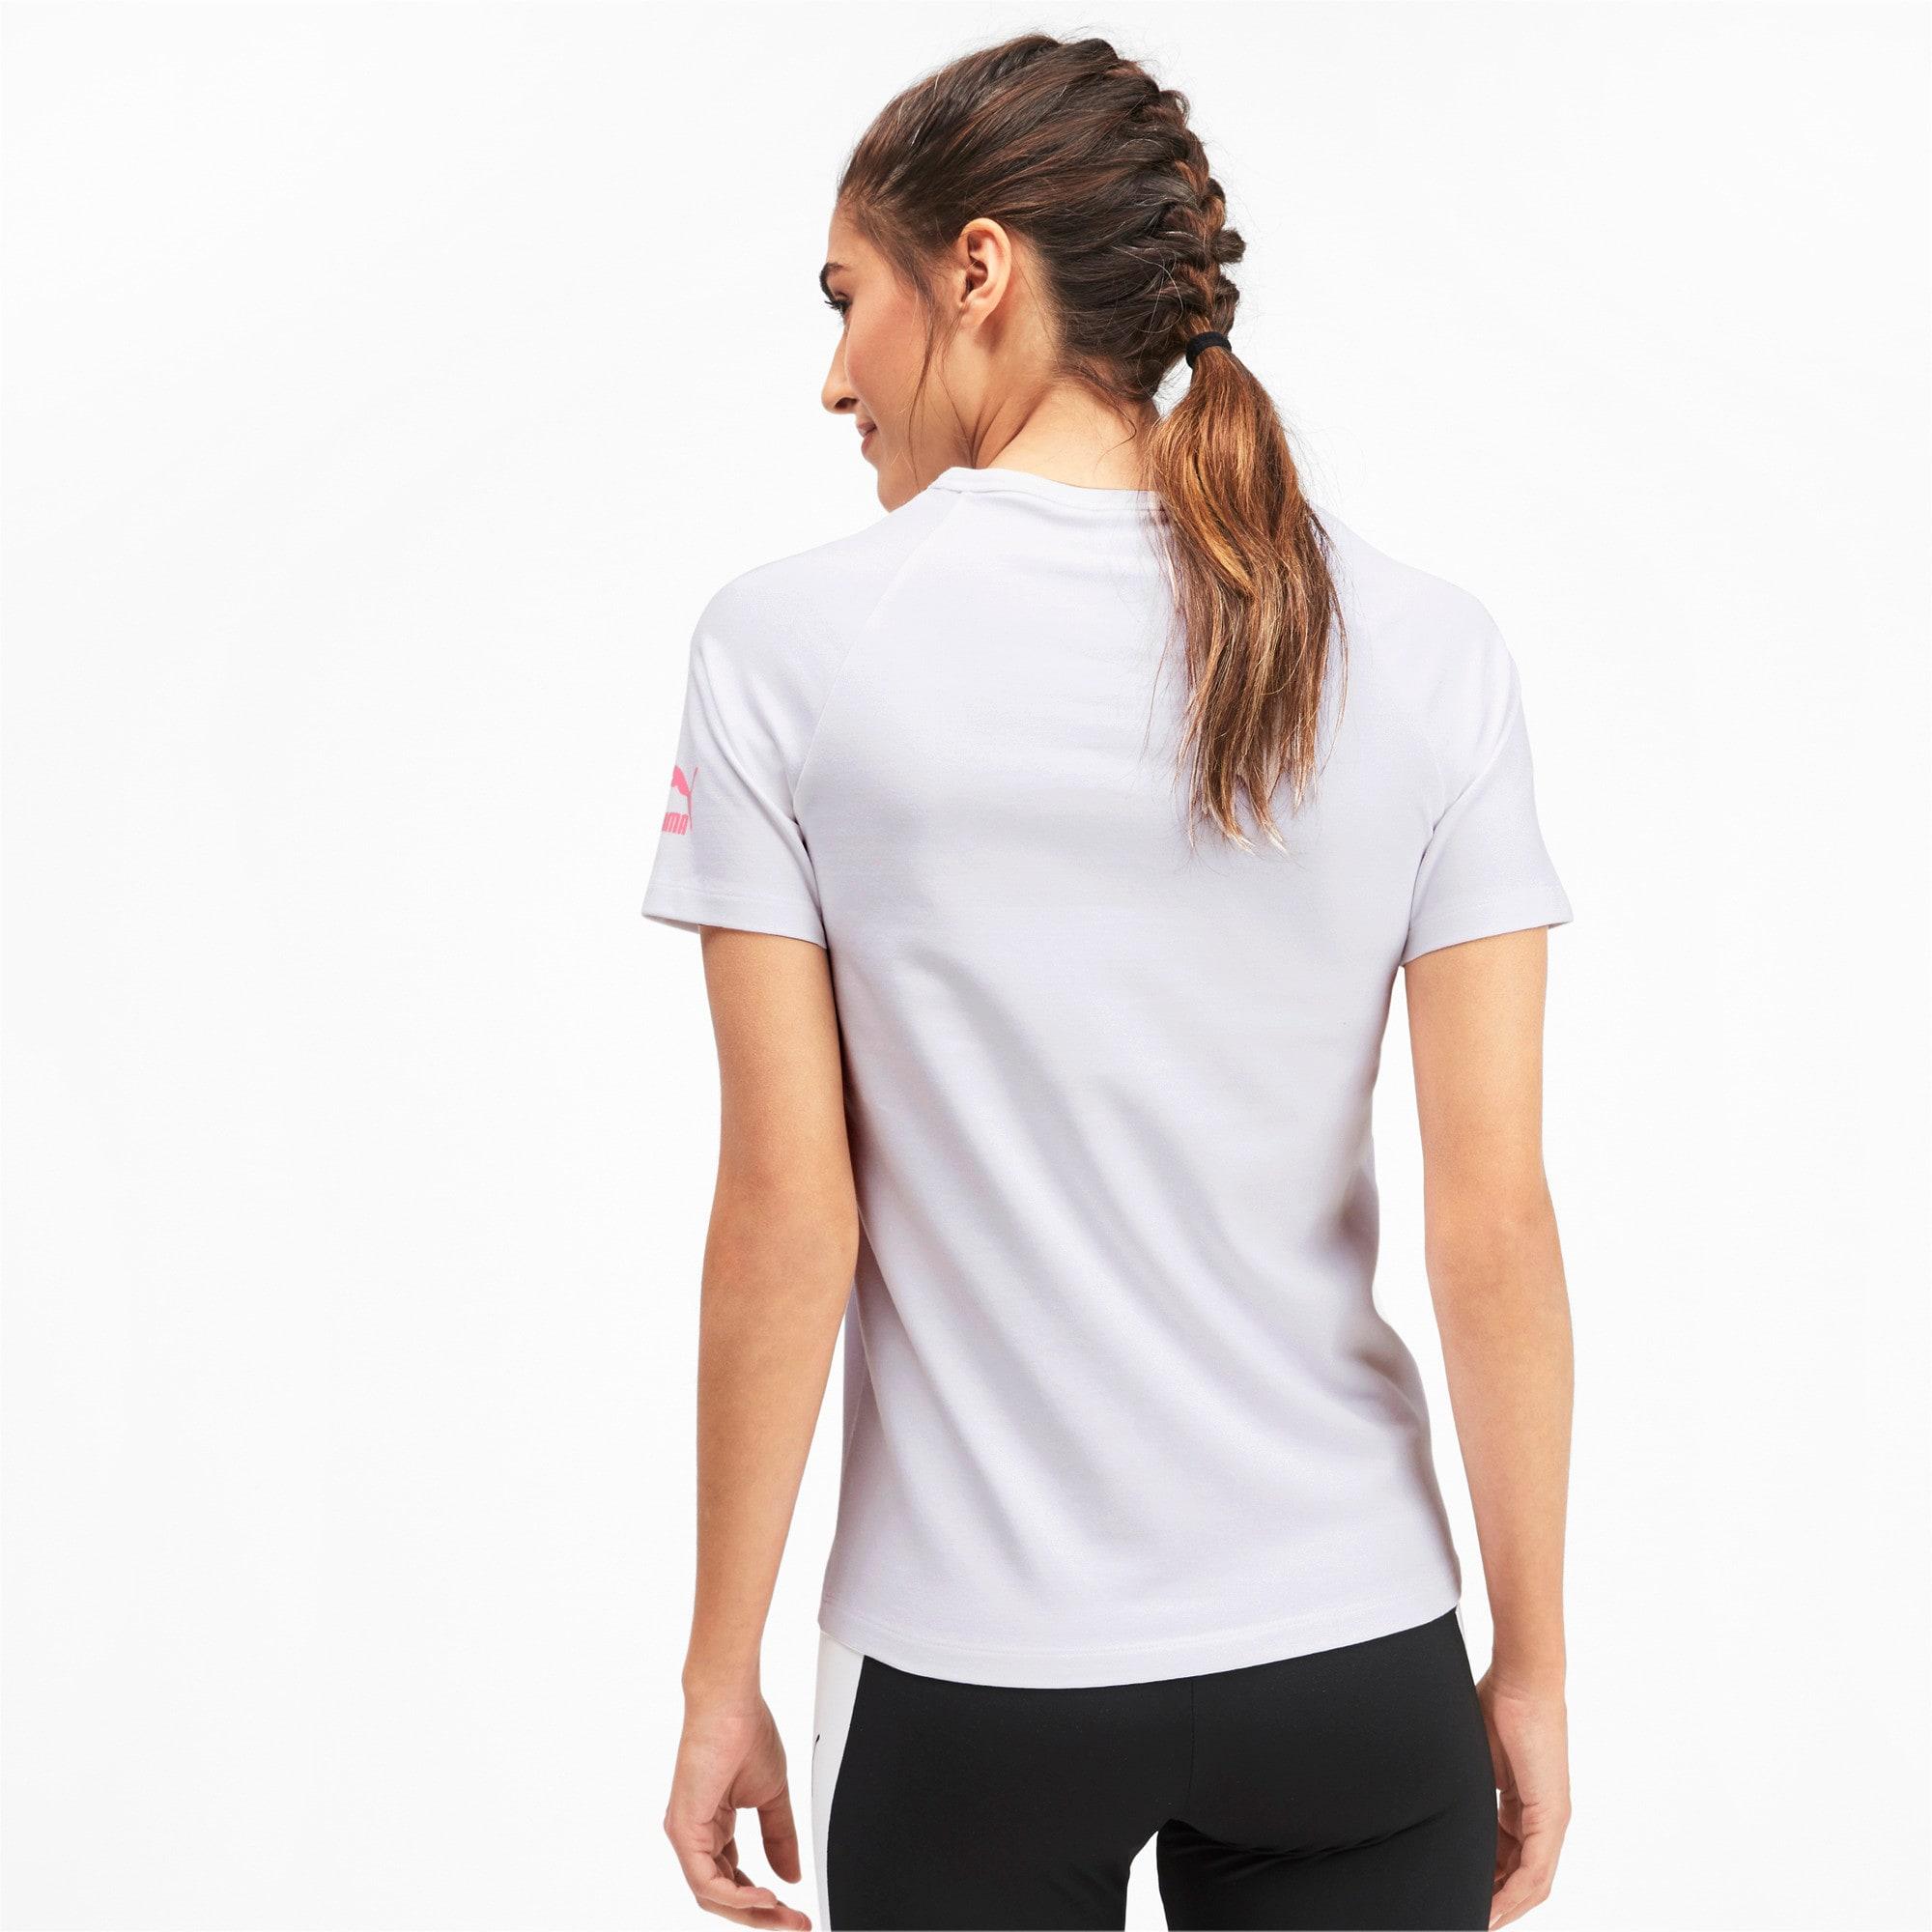 Thumbnail 3 of プーマ XTG ウィメンズ グラフィック SS Tシャツ 半袖, Puma White, medium-JPN